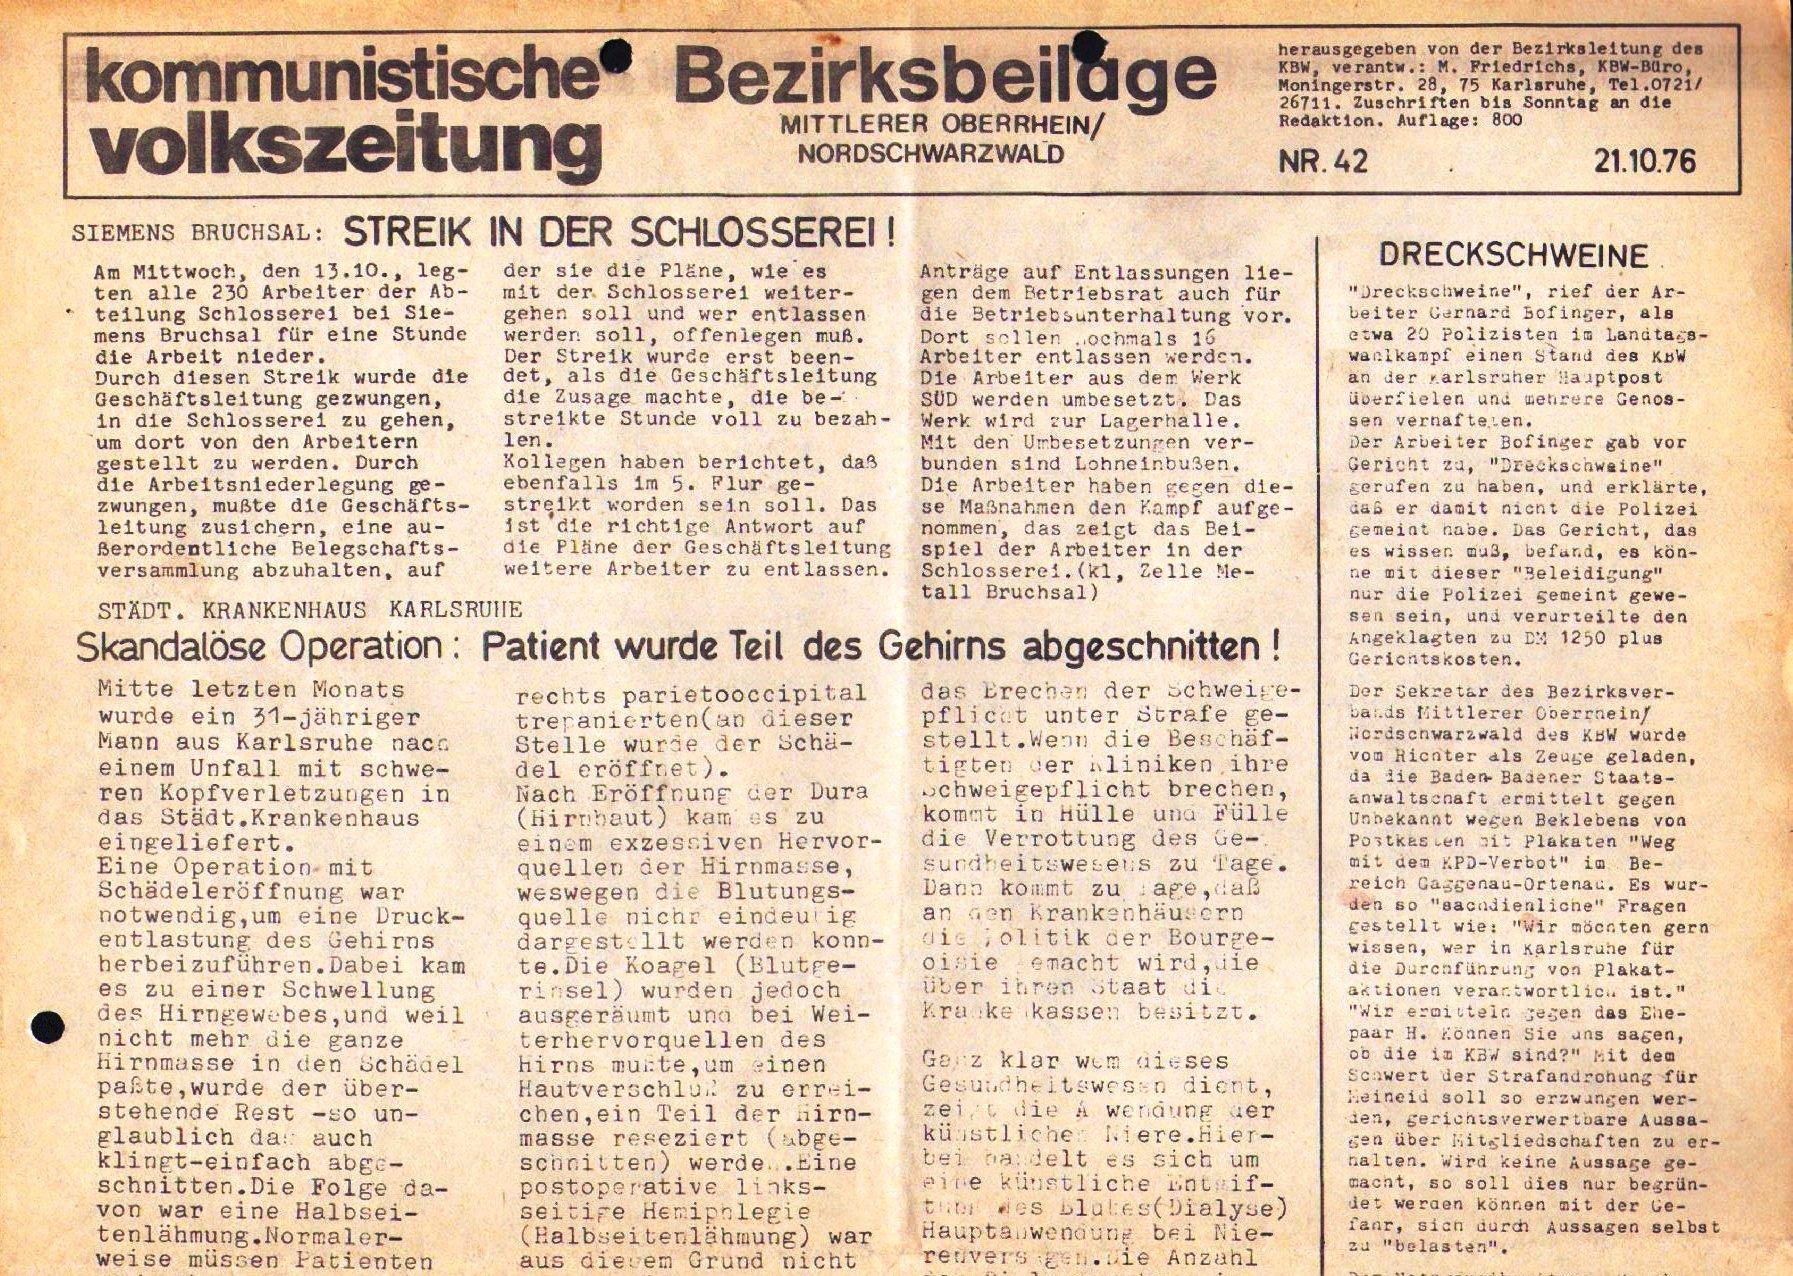 Oberrhein_KVZ186